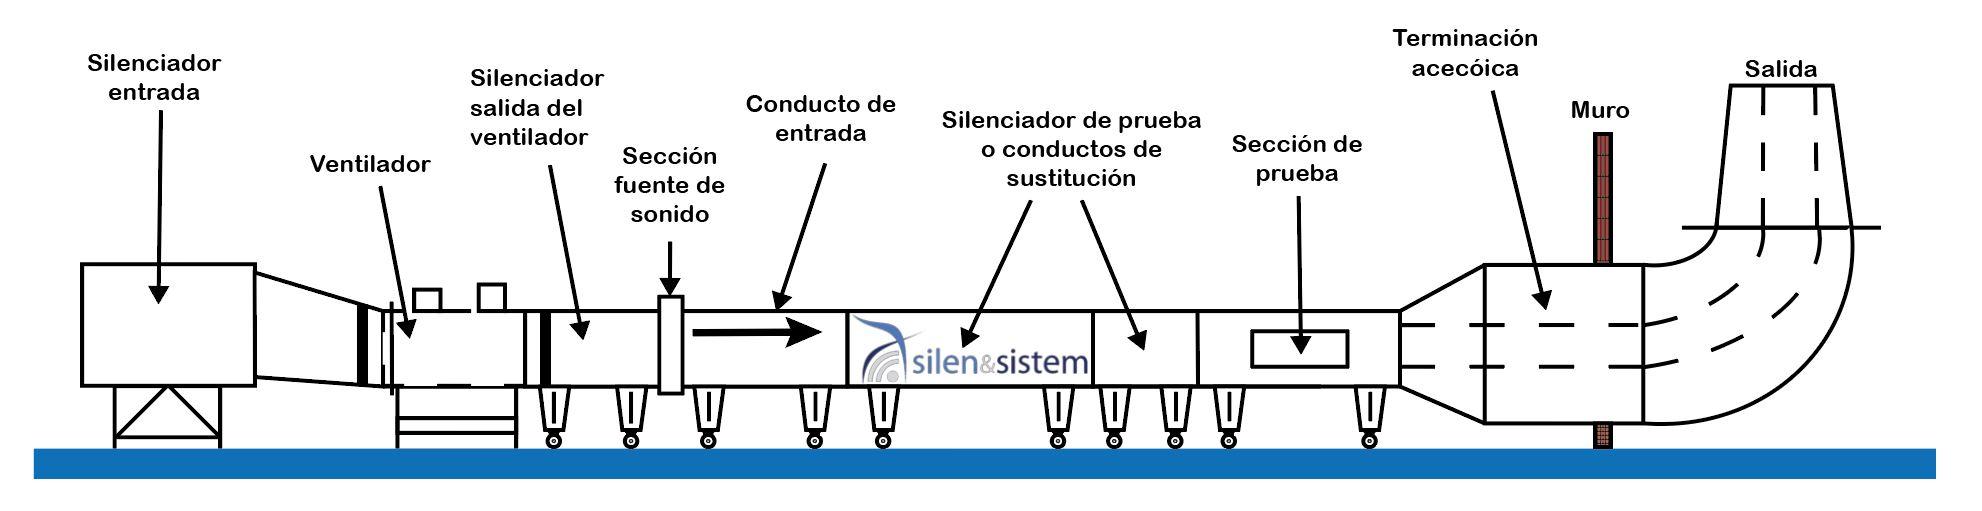 Banco de ensayos para la prueba de atenuacion de silenciadores acústicos